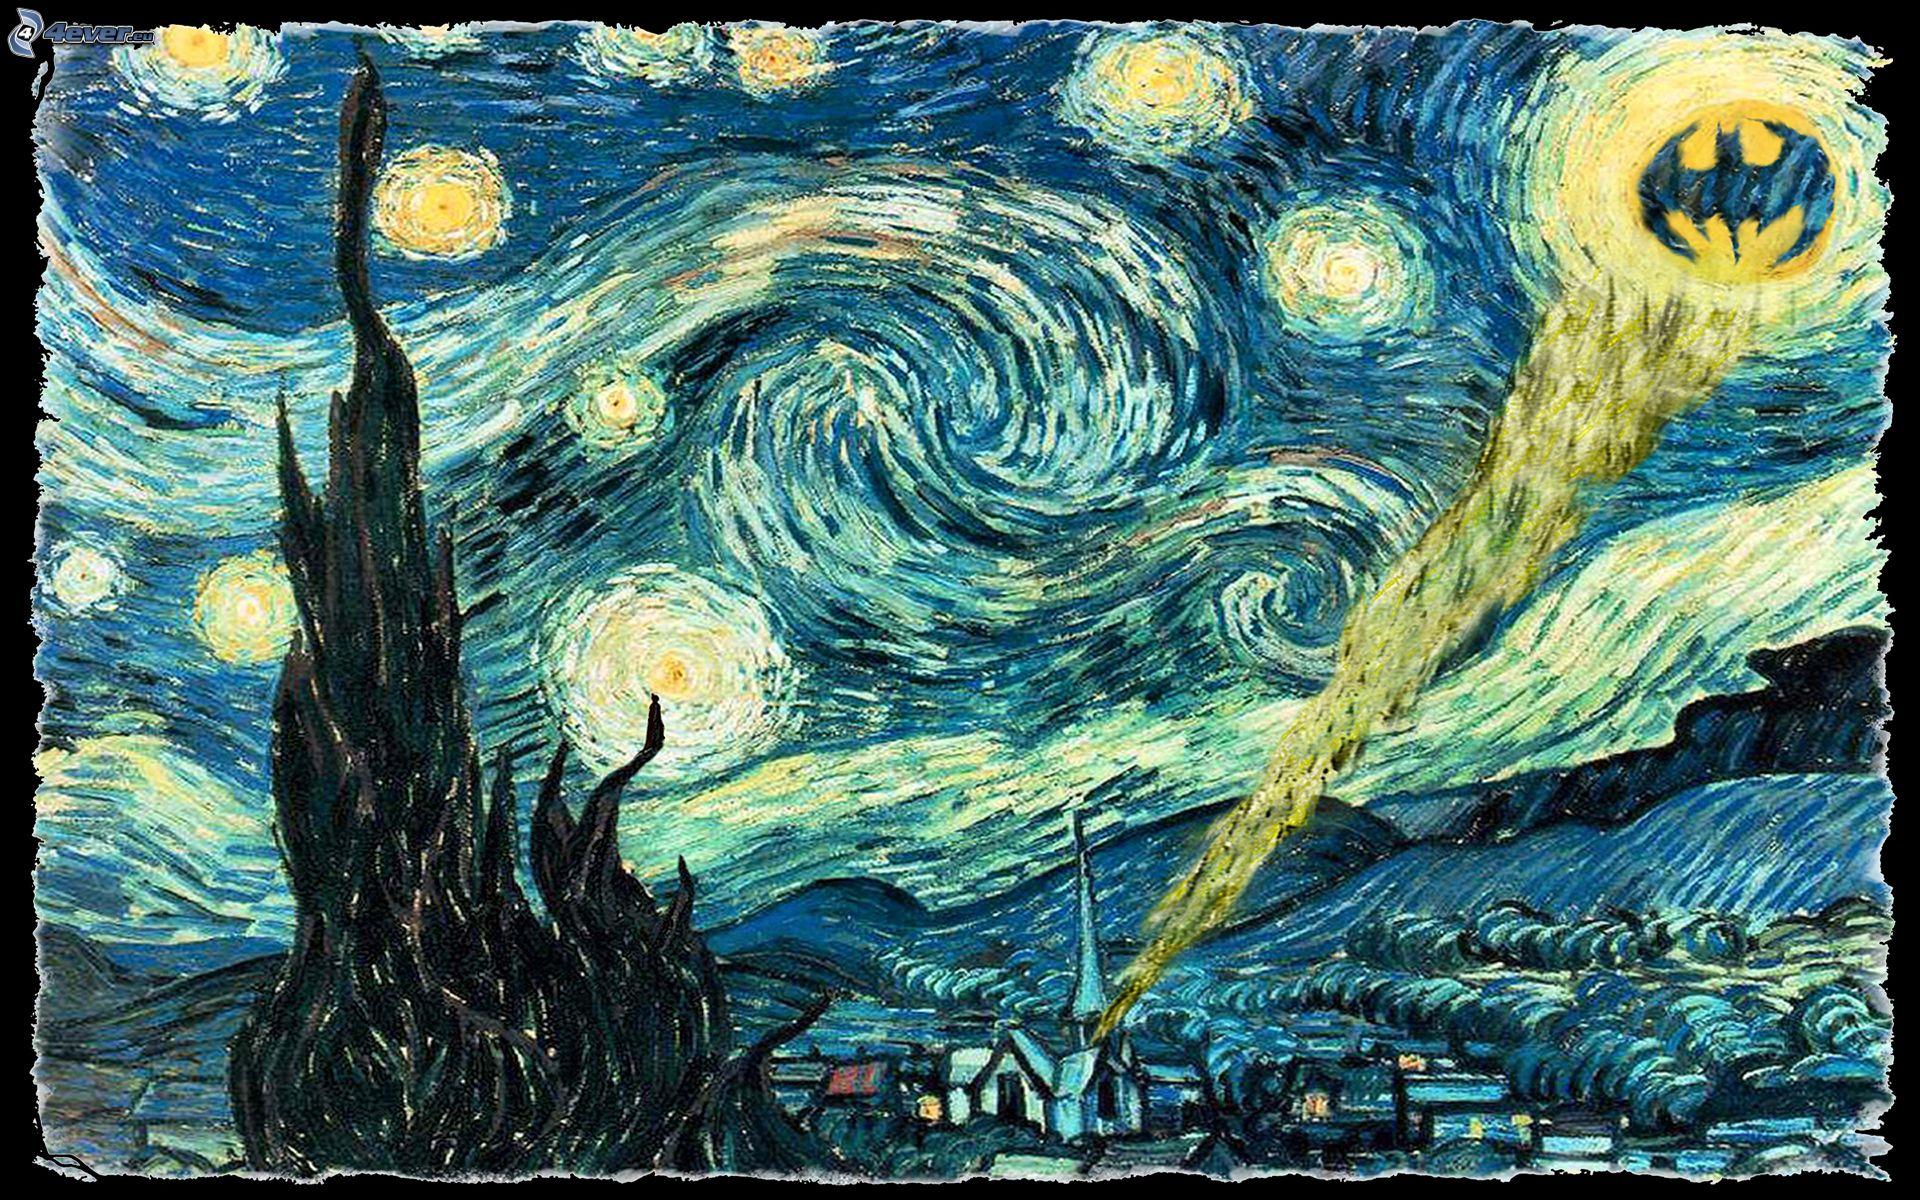 Vincent van gogh notte stellata for La notte stellata vincent van gogh